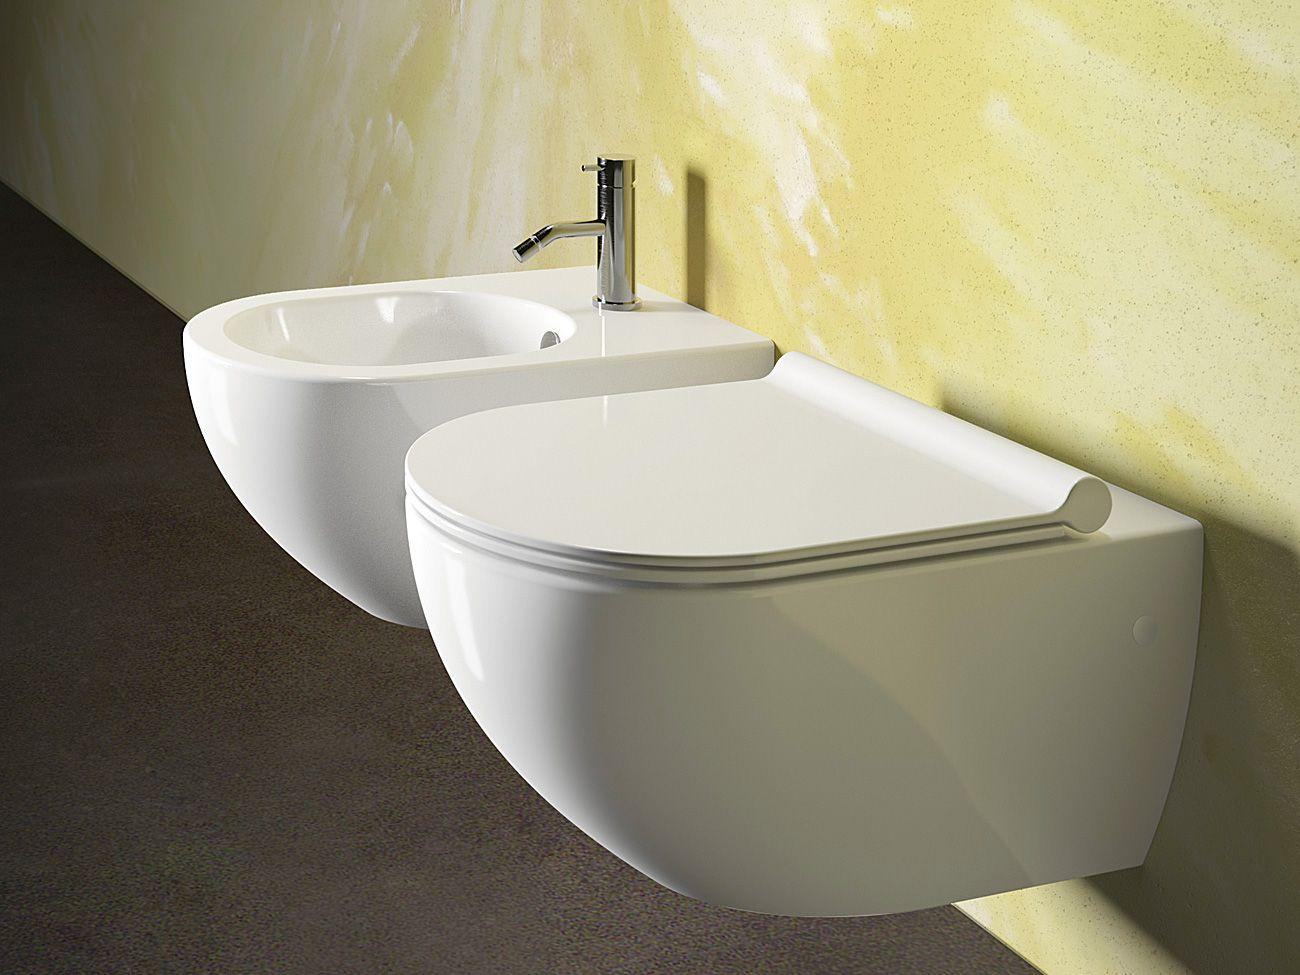 Sfera 54 Toilet Sfera Collection By Ceramica Catalano